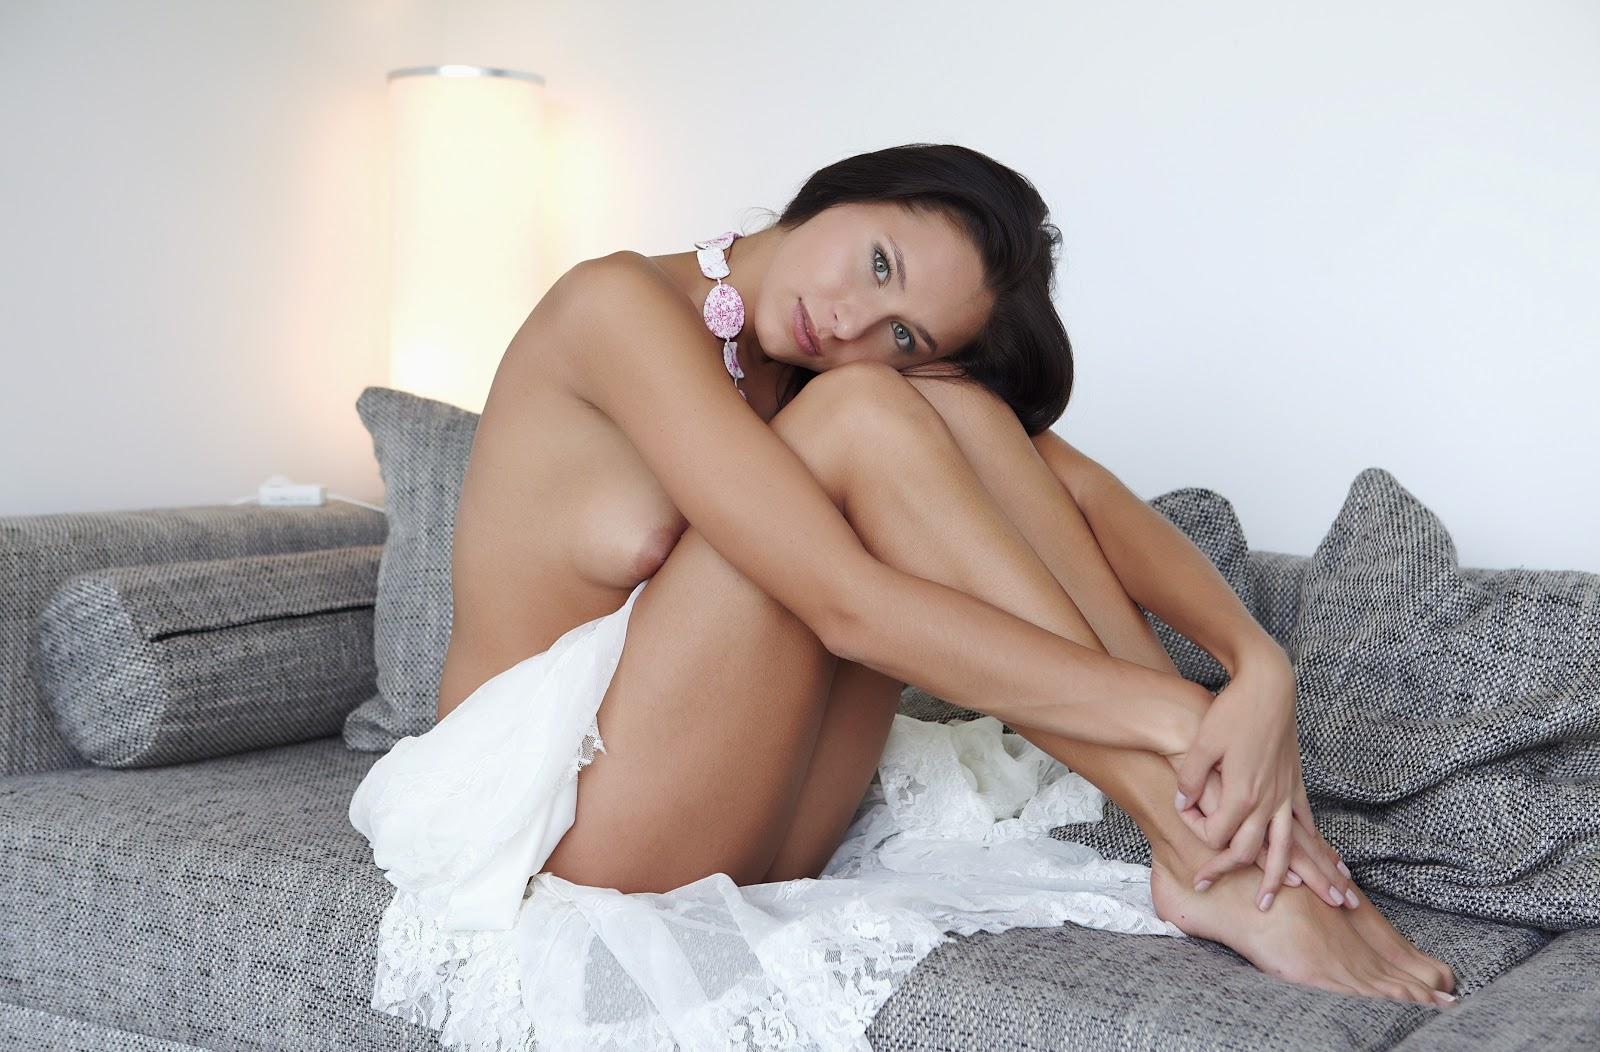 Снять проститутку в павлом посаде 19 фотография